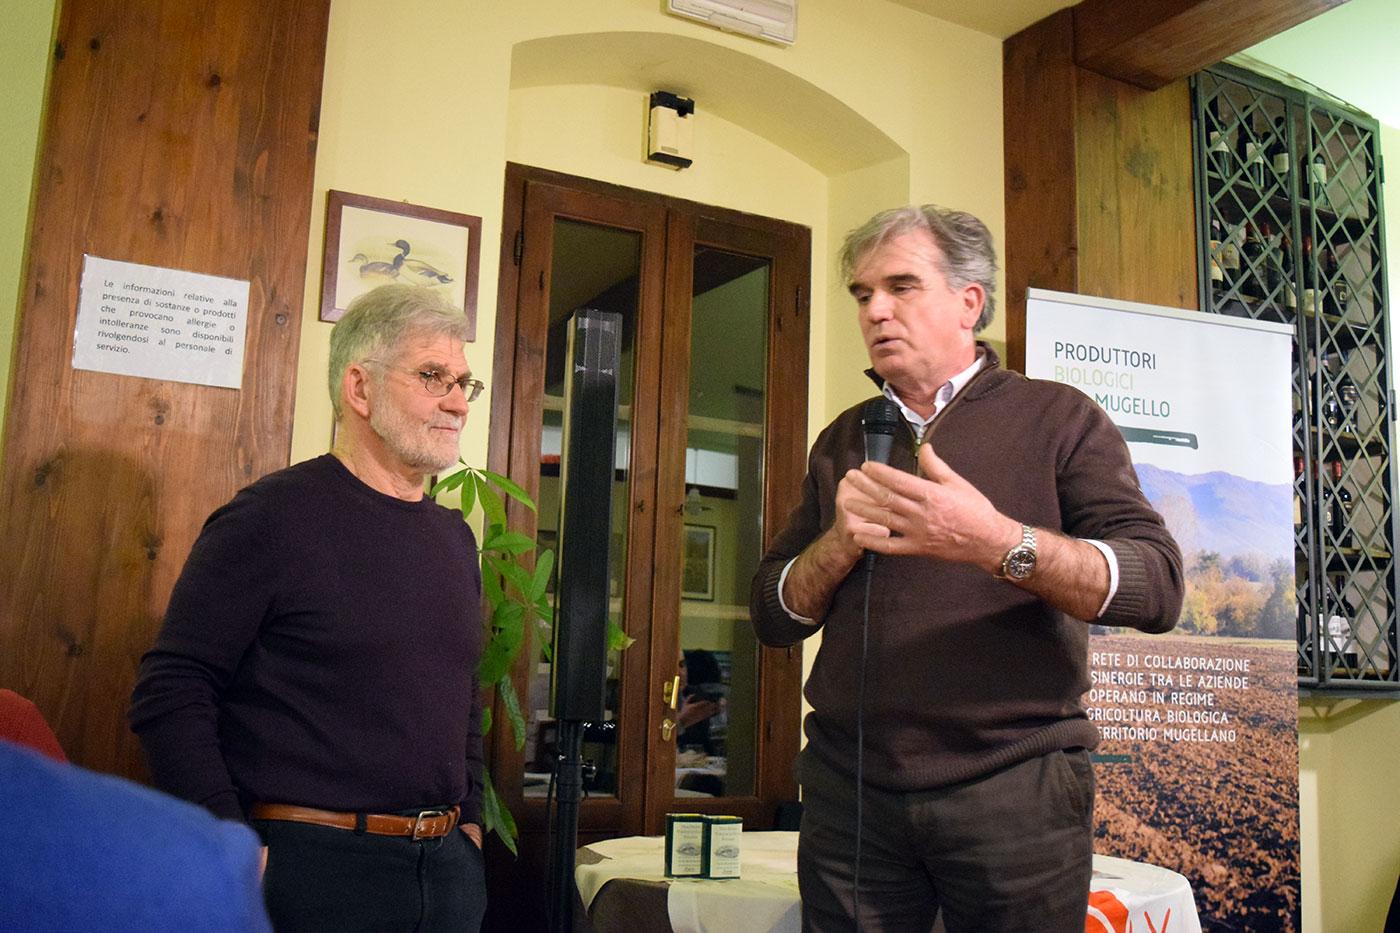 slow-food-levante-fiorentino-produttori-biologici-bio-4